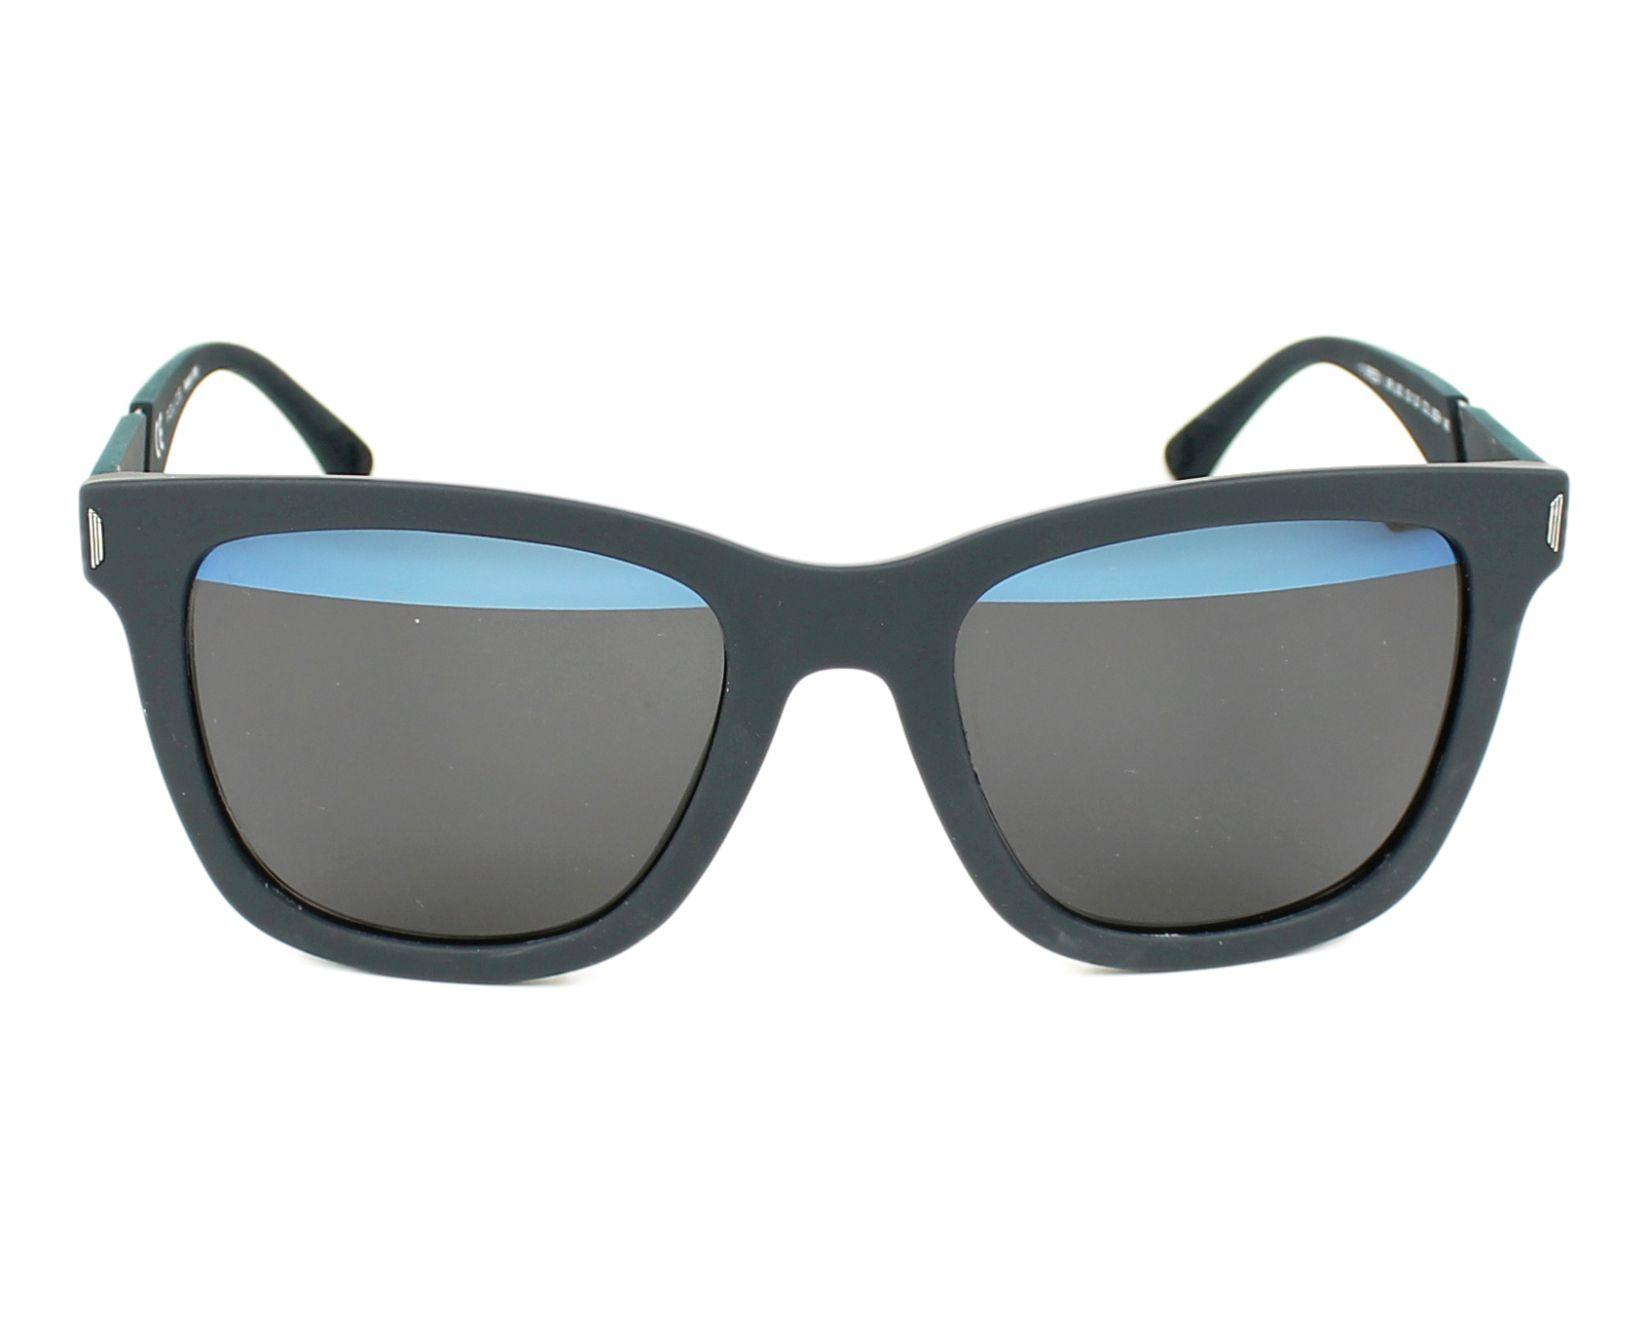 lunettes de soleil police spl 352 92eh bleu avec des verres gris pour hommes. Black Bedroom Furniture Sets. Home Design Ideas